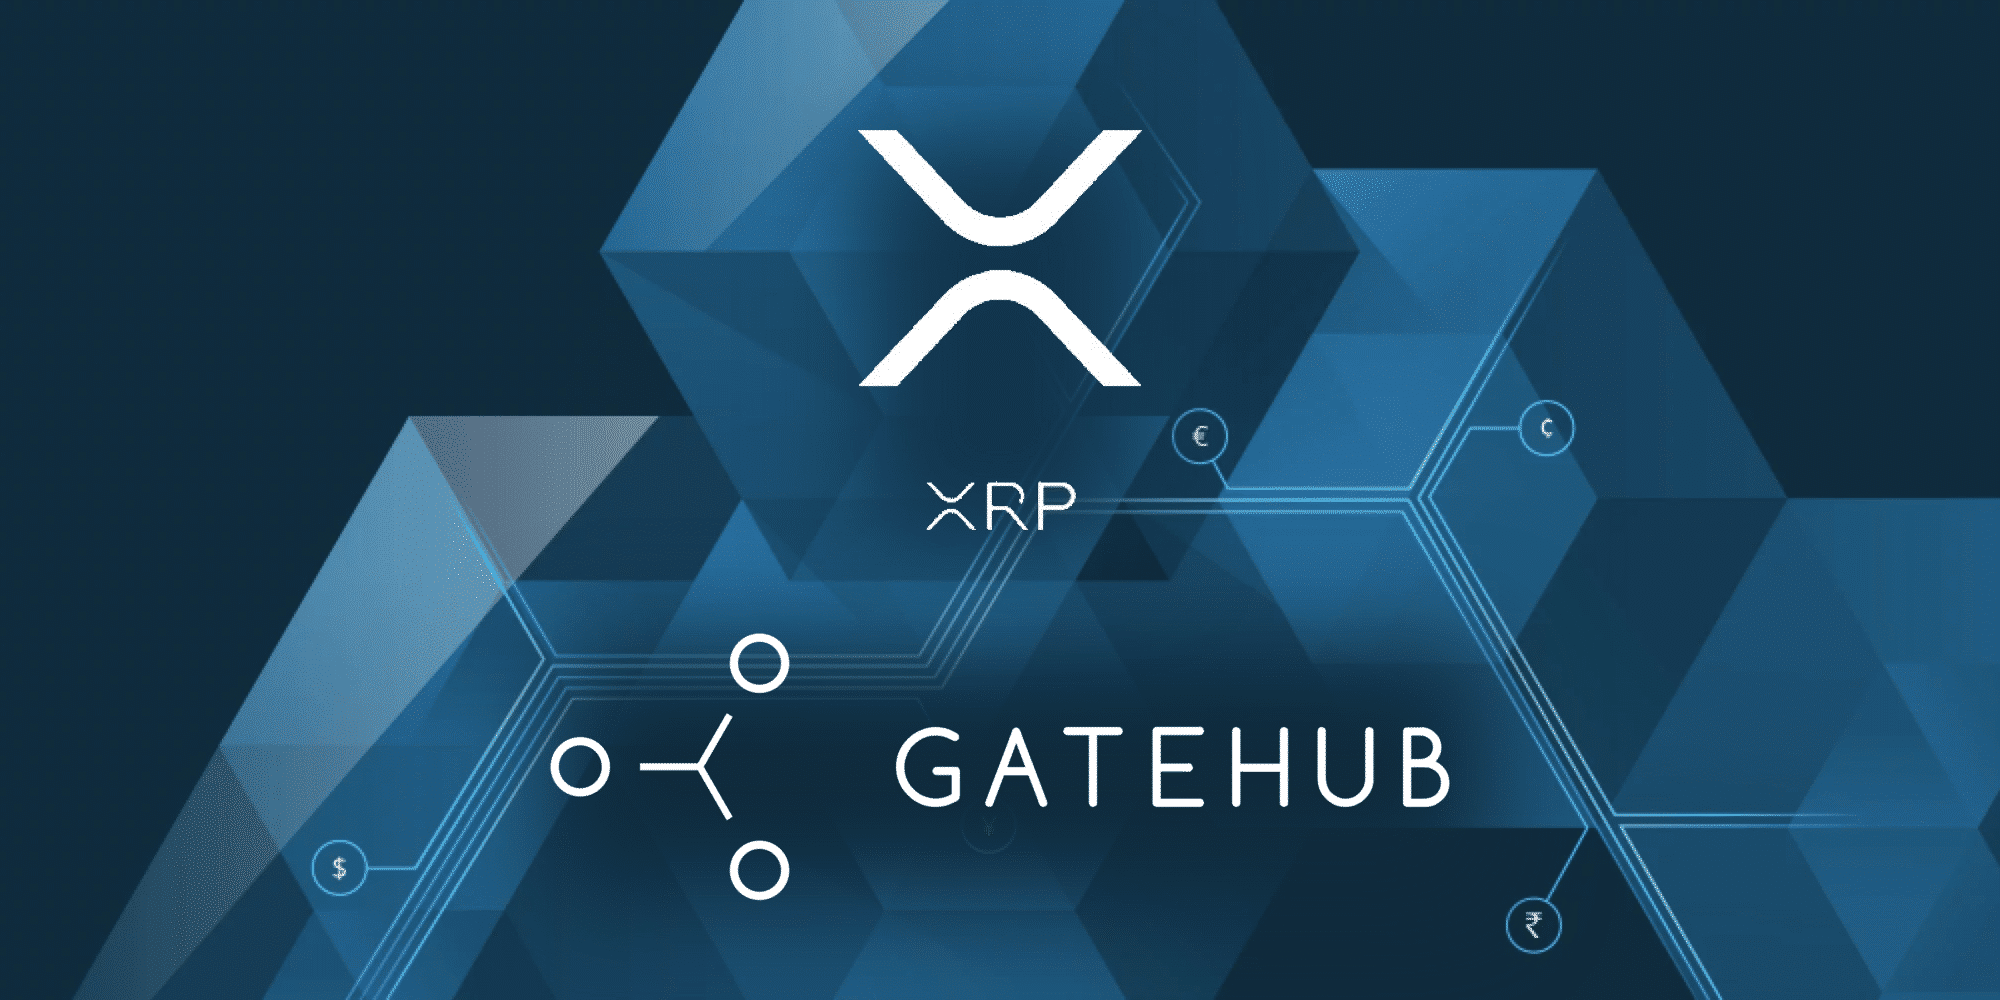 GateHub ha annunciato che continuerà a supportare XRP nonostante il contenzioso della SEC